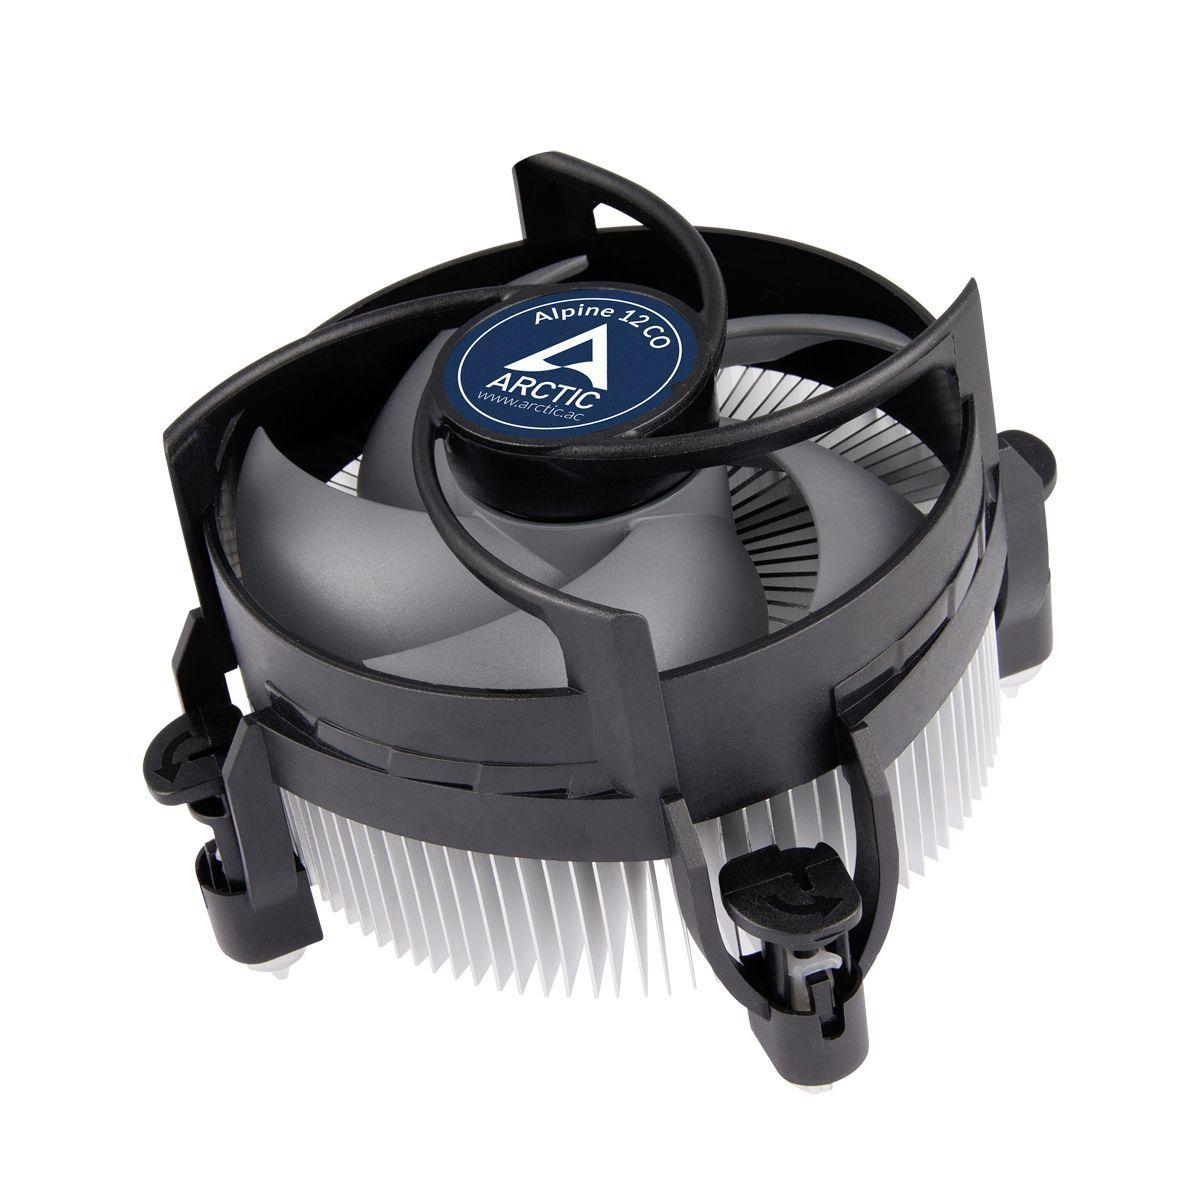 ARCTIC Alpine 12 CO Processor Koeler 9,2 cm Zwart, Zilver